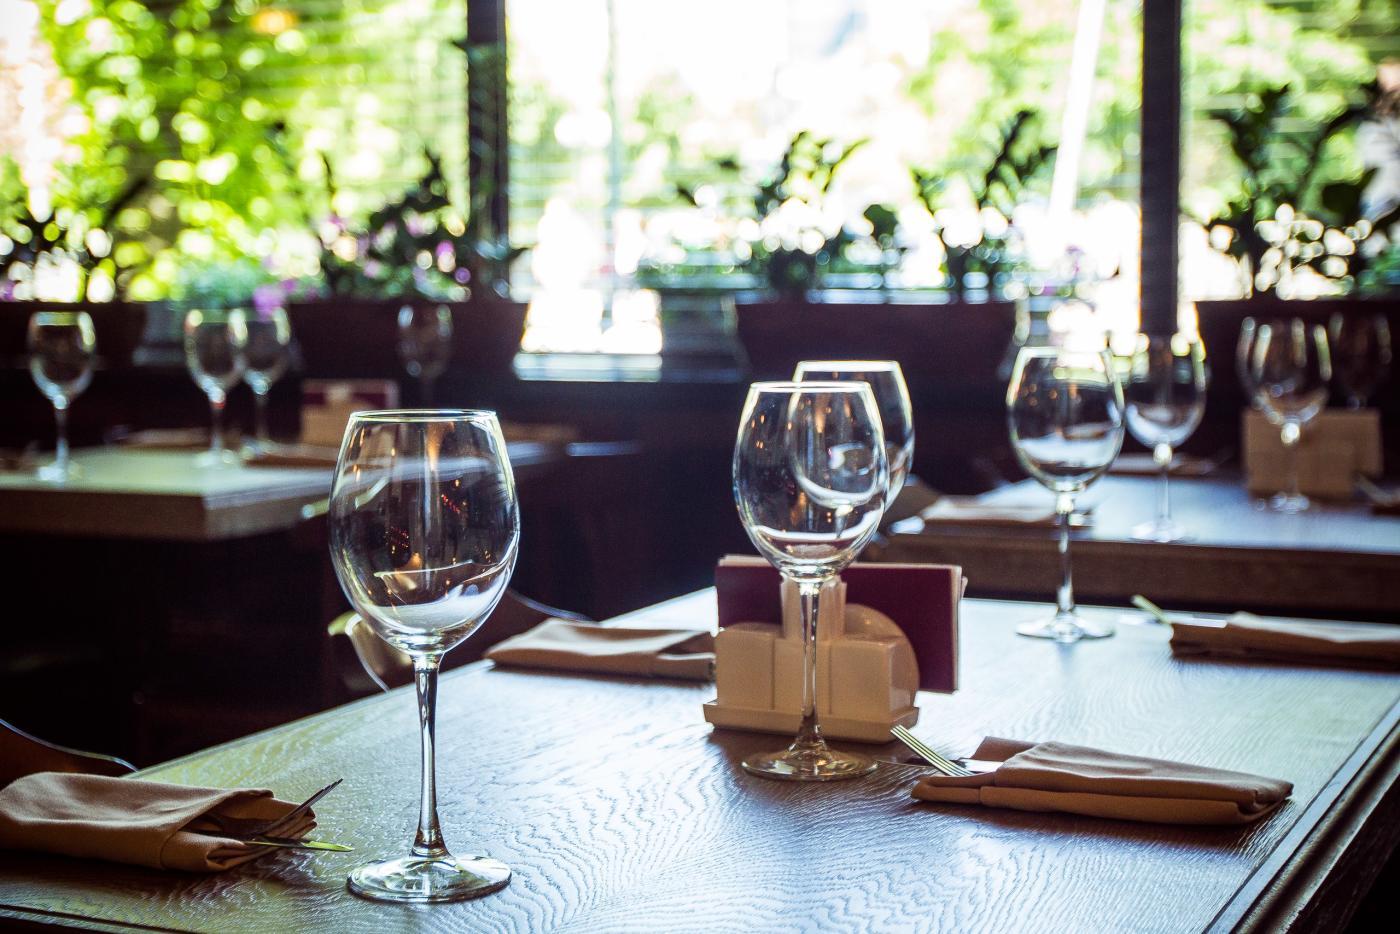 Средиземноморский Ресторан Terra & Mare Rome Barcelona (Терра Маре Рома Барселона) фото 46